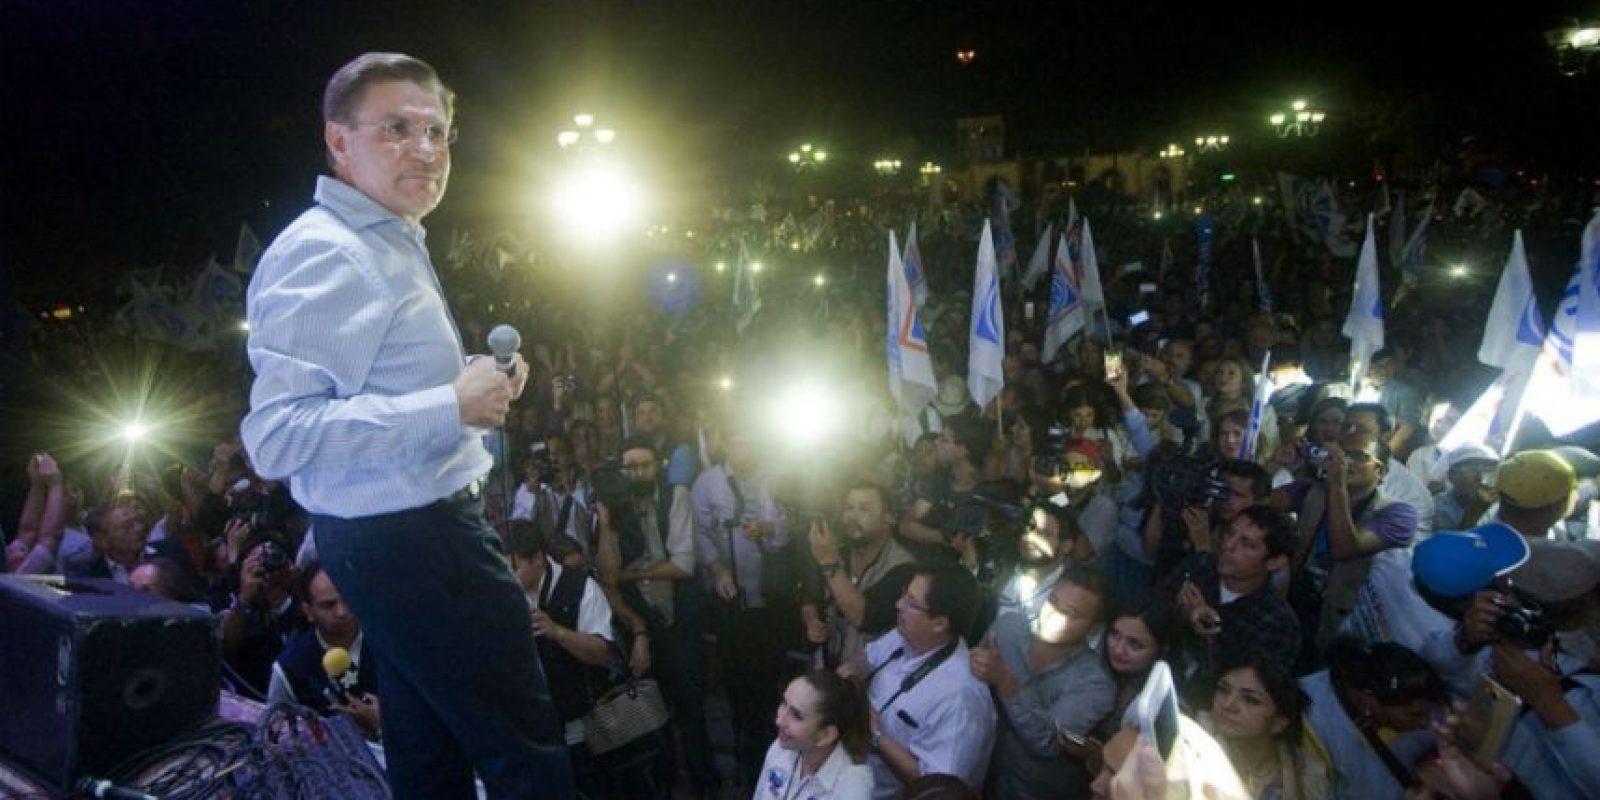 En coalición con el PRD, el candidato panista José Rosas Aispuro lleva la delantera en Durango. Foto:Cuartoscuro